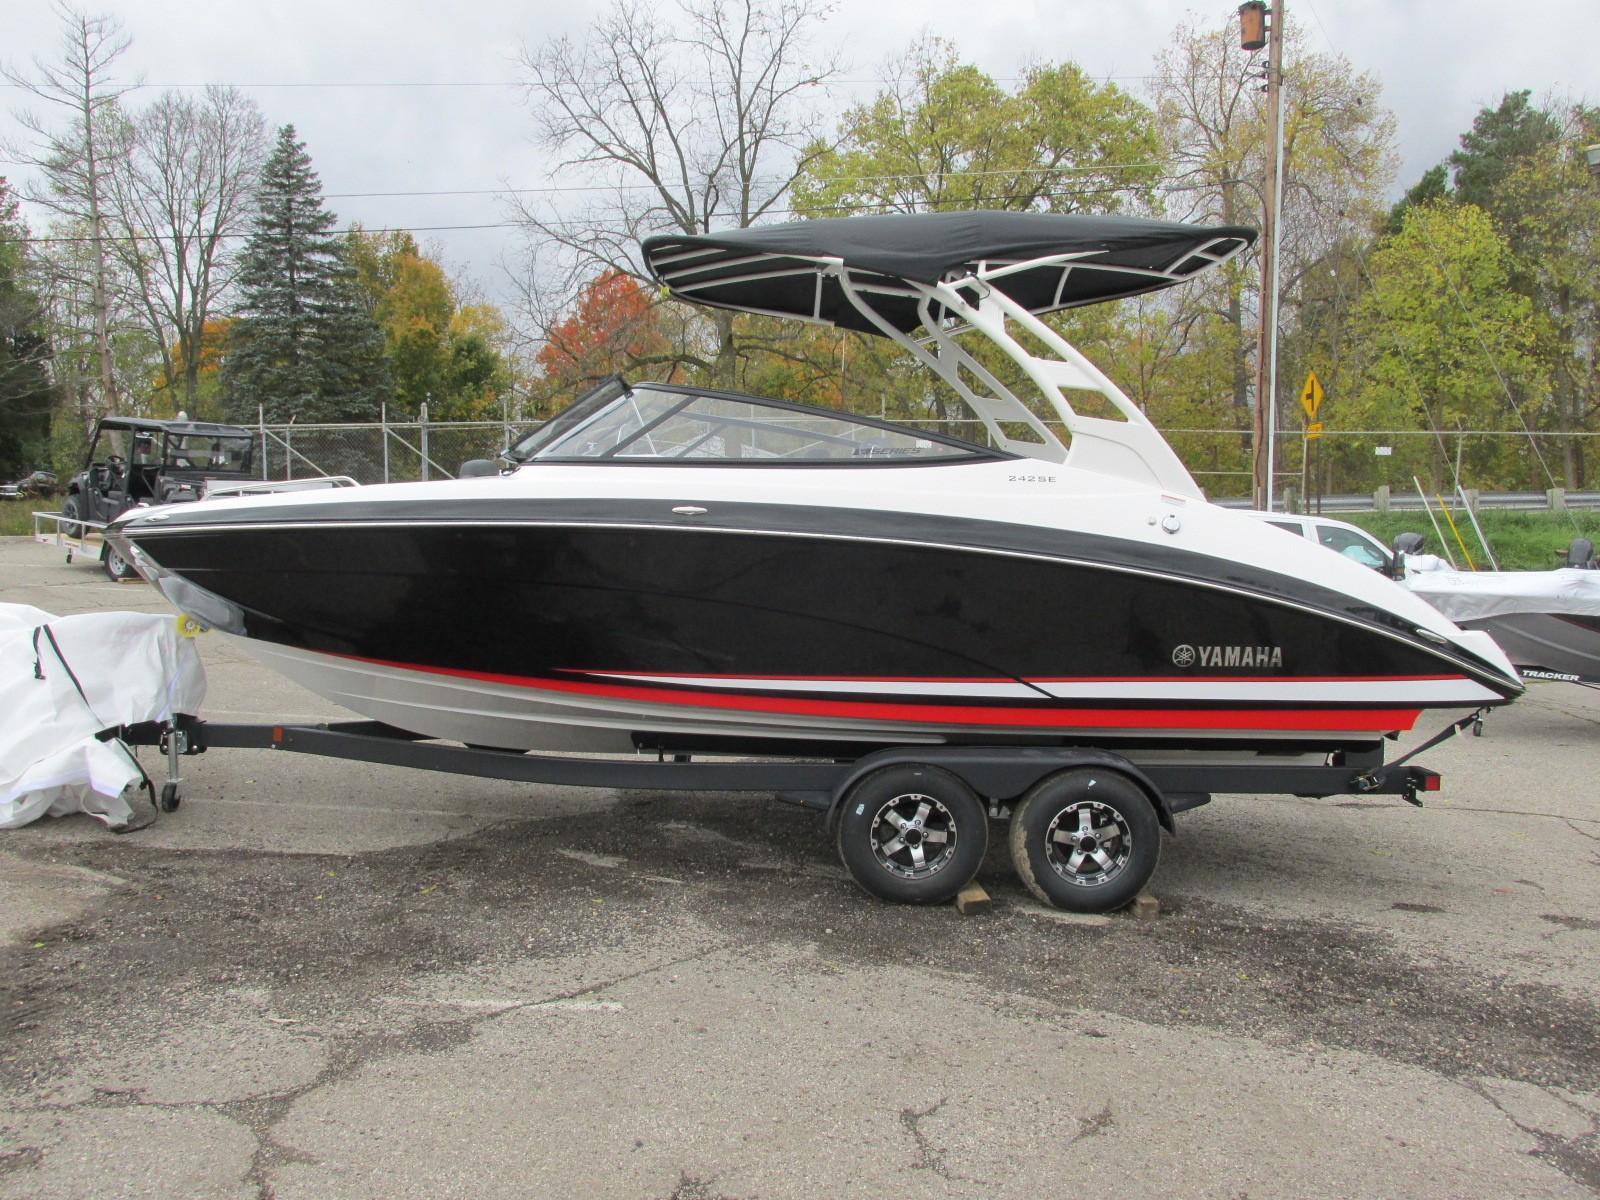 Yamaha Boats242 LTD S E-Series